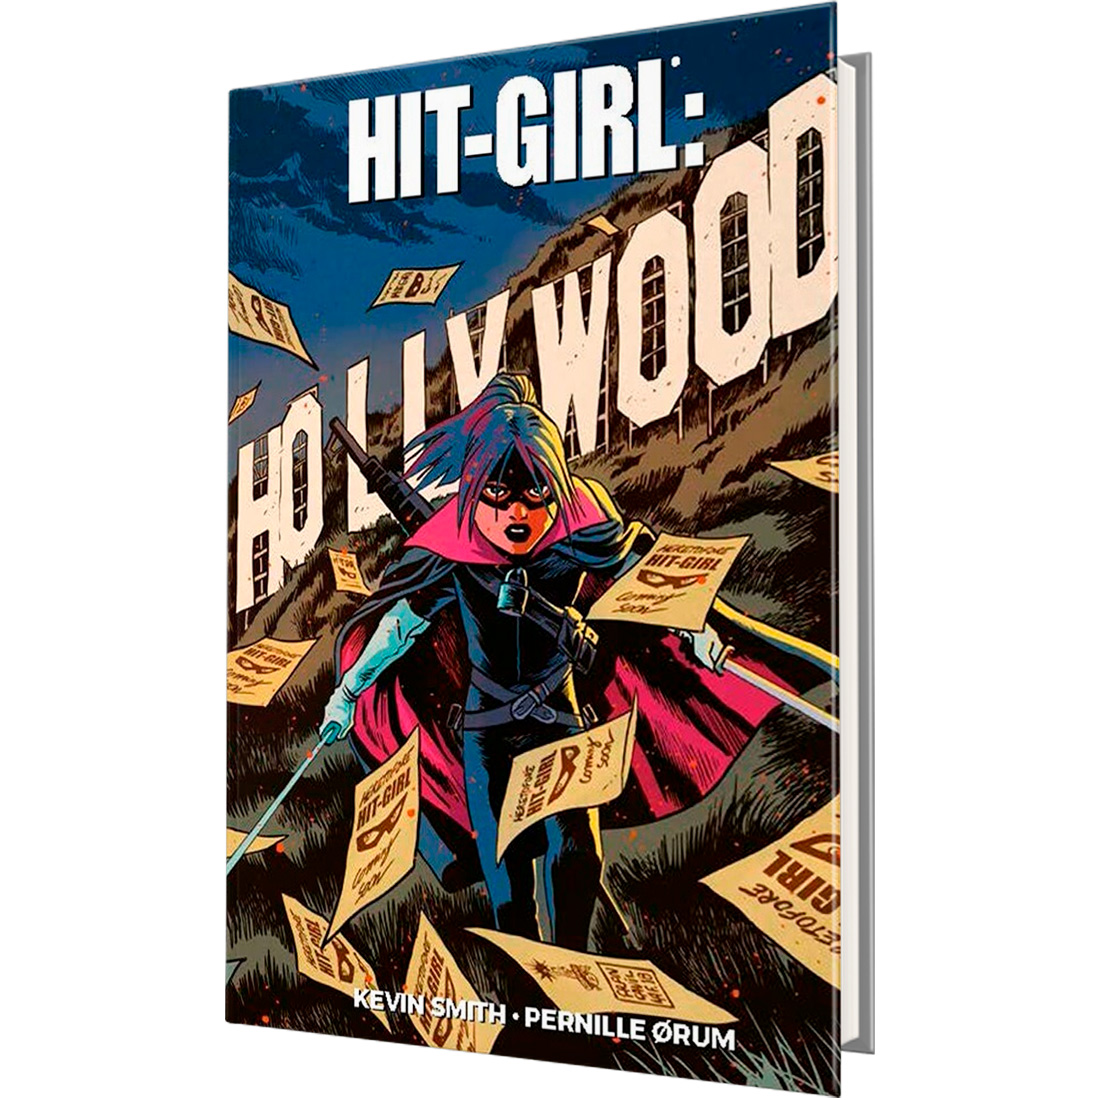 Hit-Girl Vol. 4 - Hollywood